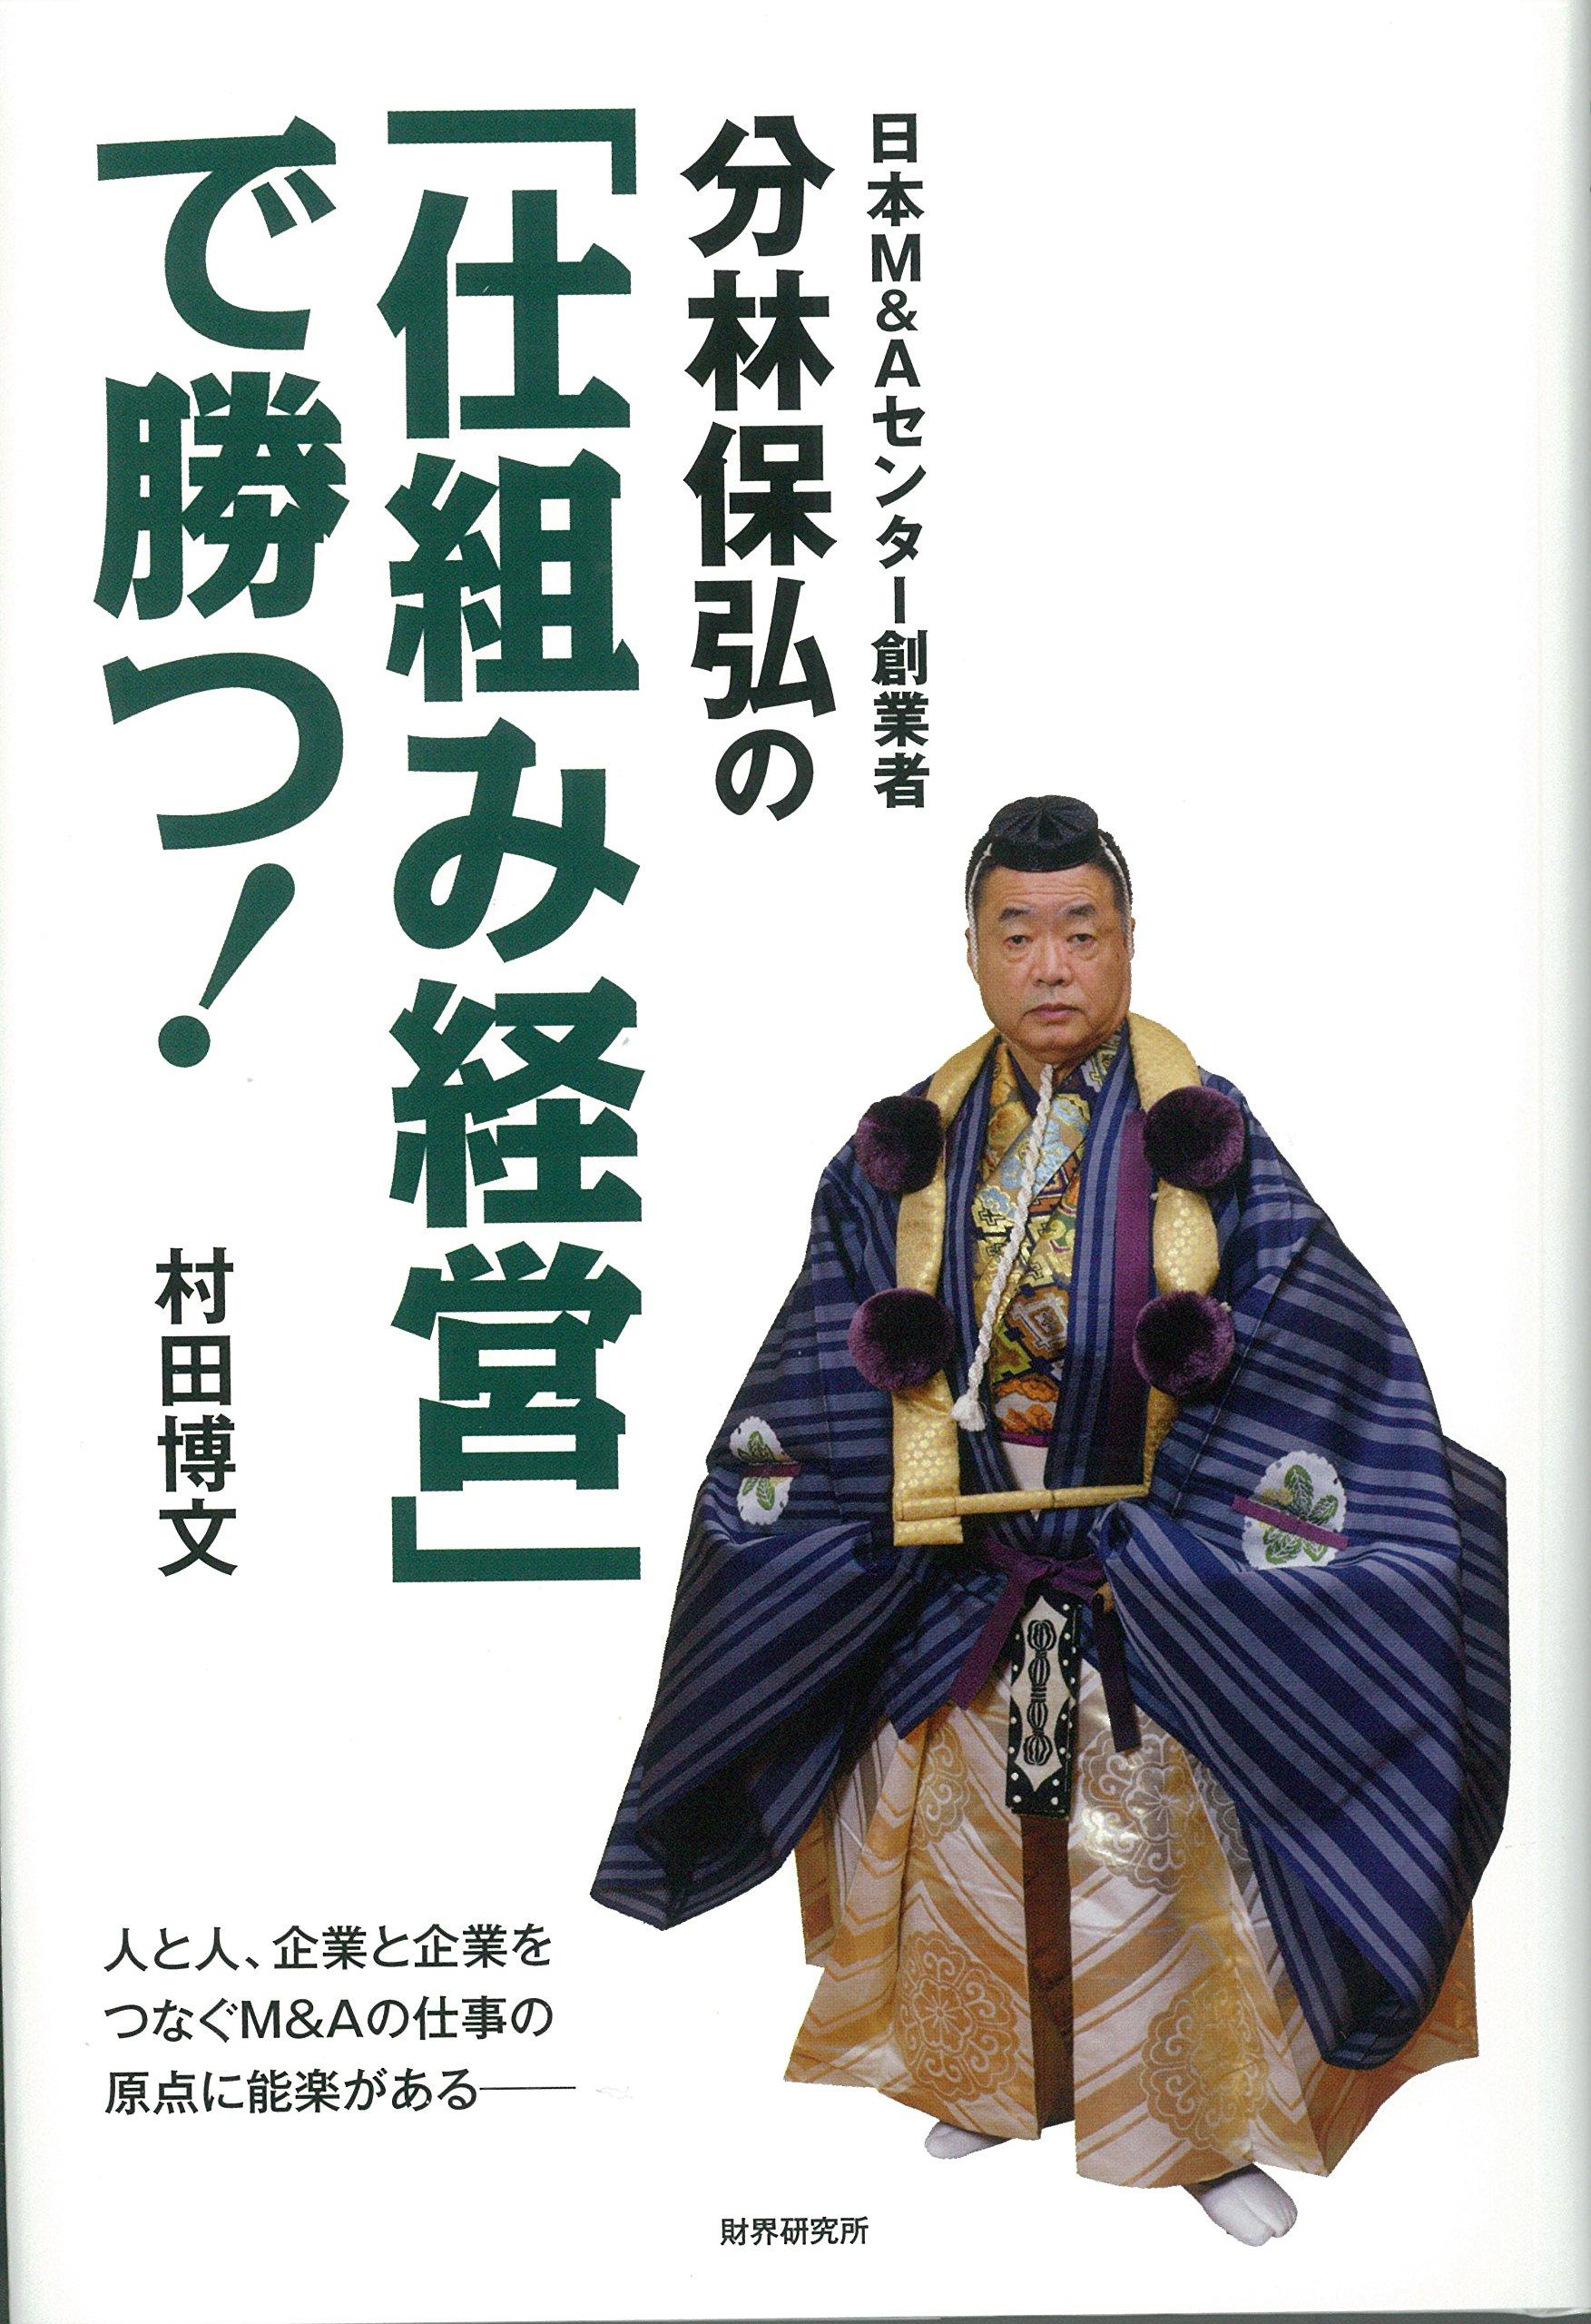 『日本M&Aセンター創業者分林保弘の「仕組み経営で勝つ」』 村田博文 著